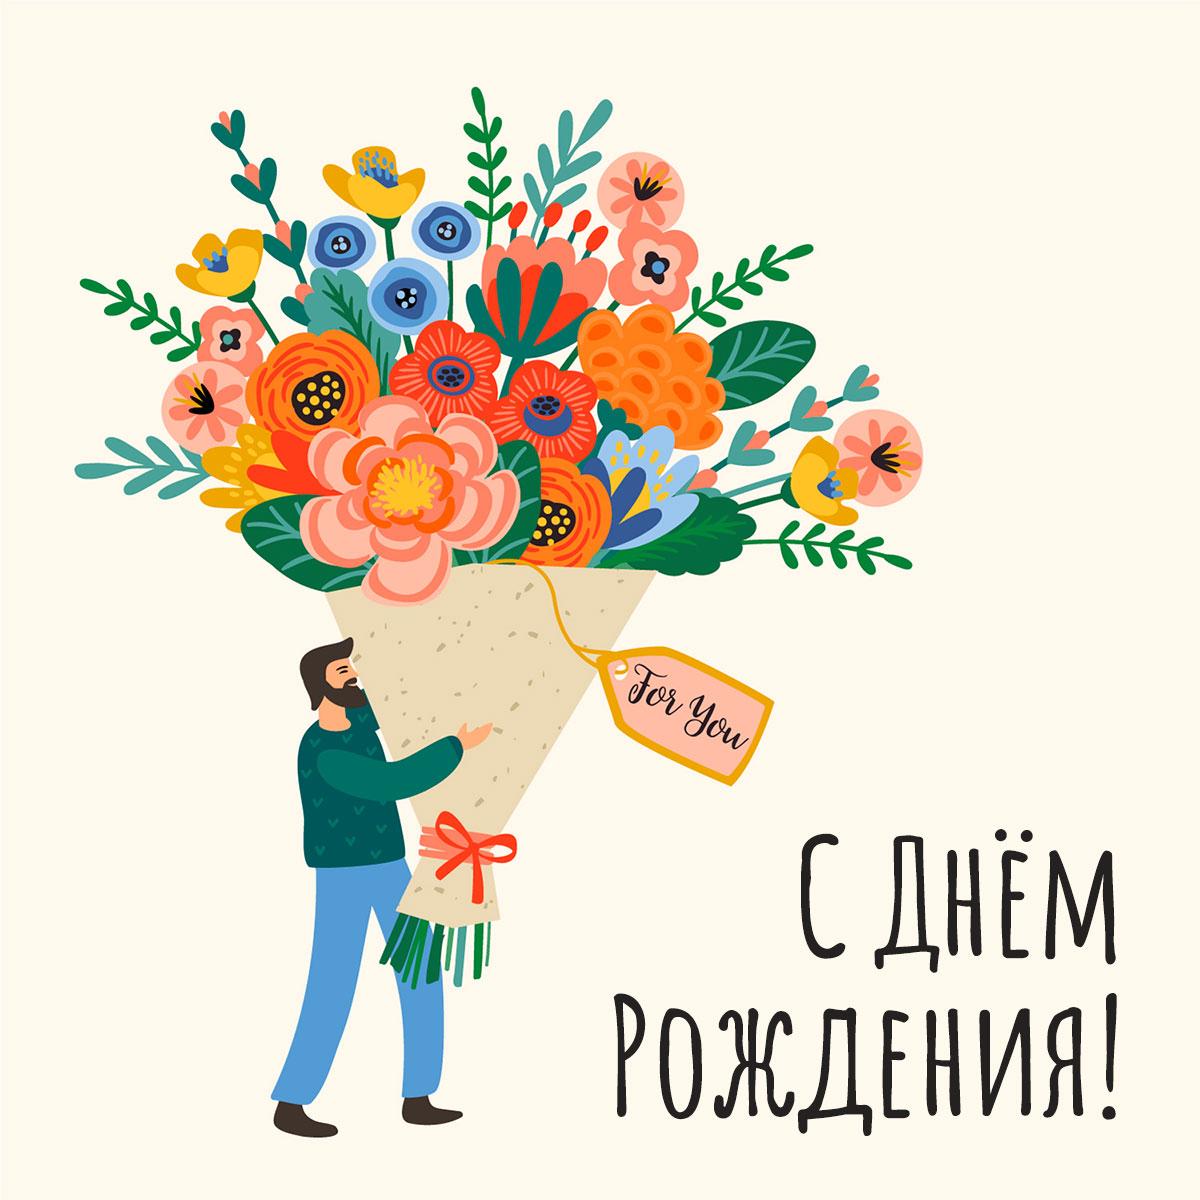 Картинка с поздравлением - нарисованная открытка день рождения цветы в букете с мужчиной.